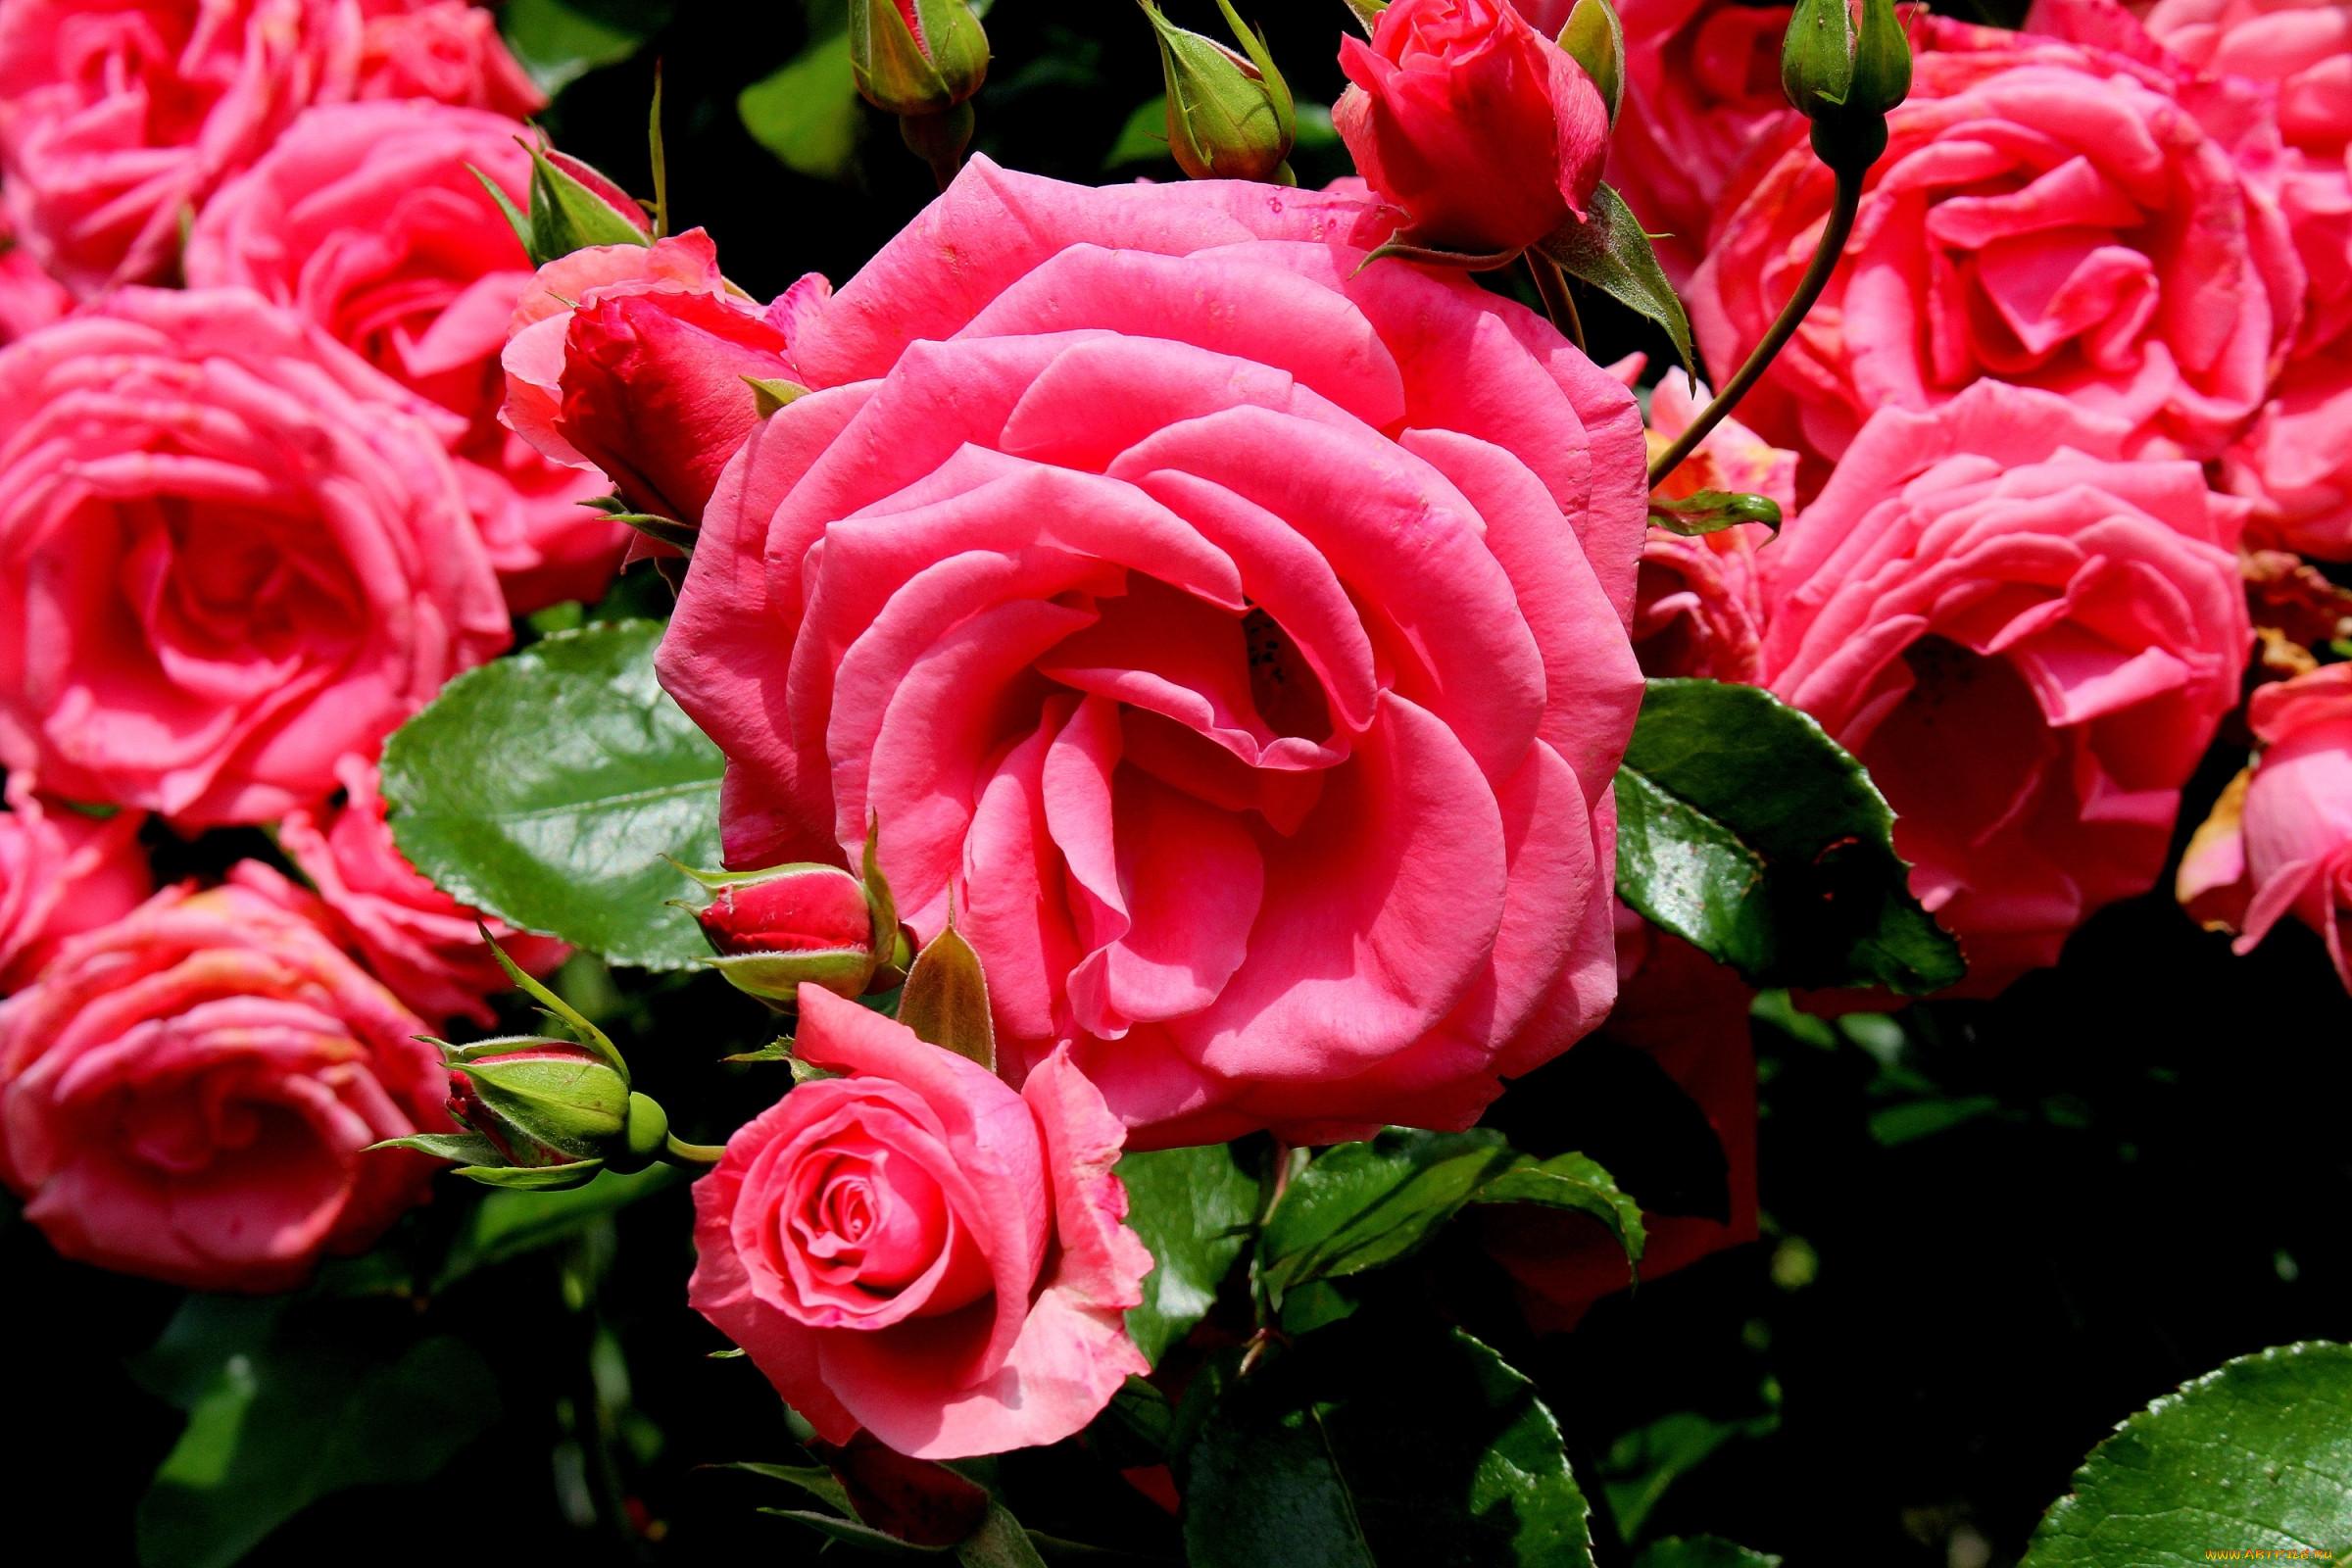 картинки цветов роз на компьютер назовёшь, точно